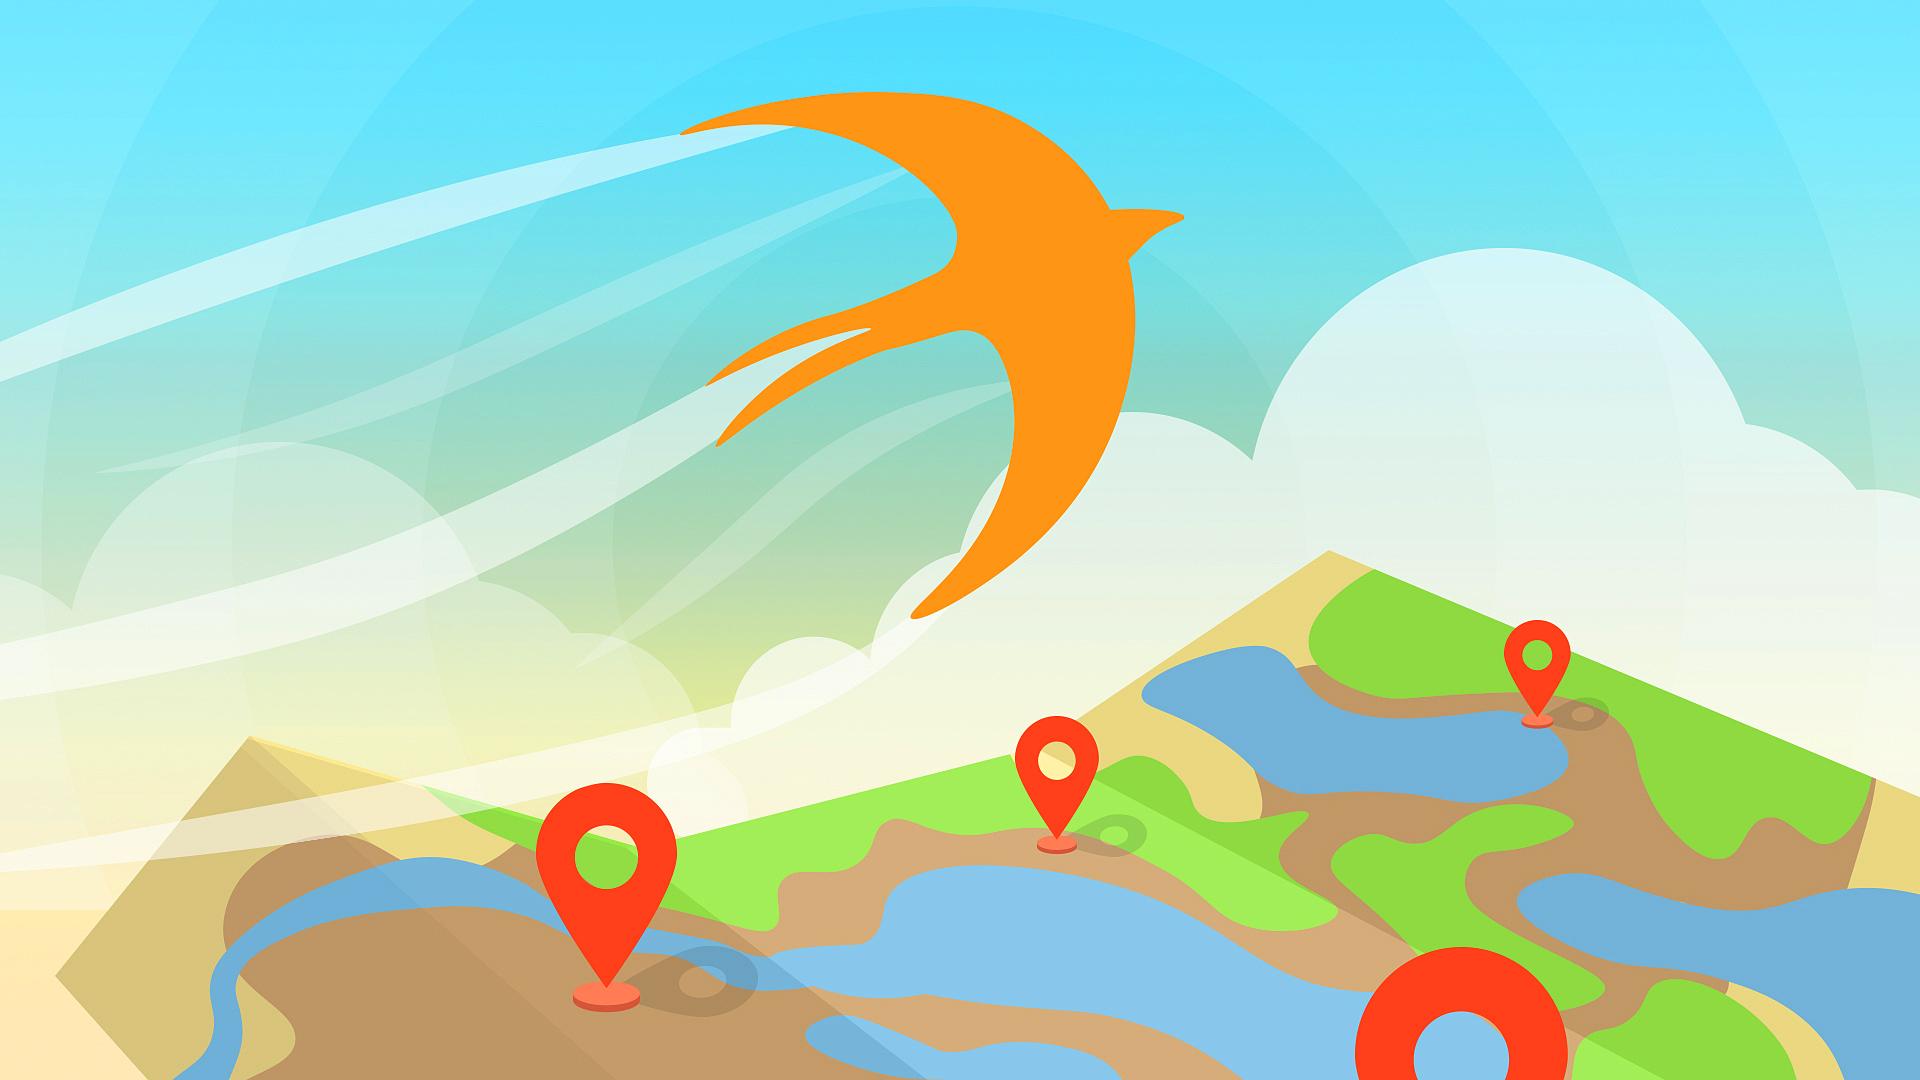 Вебинар Работа с картами при разработке IOS-приложения на Swift 3 фото